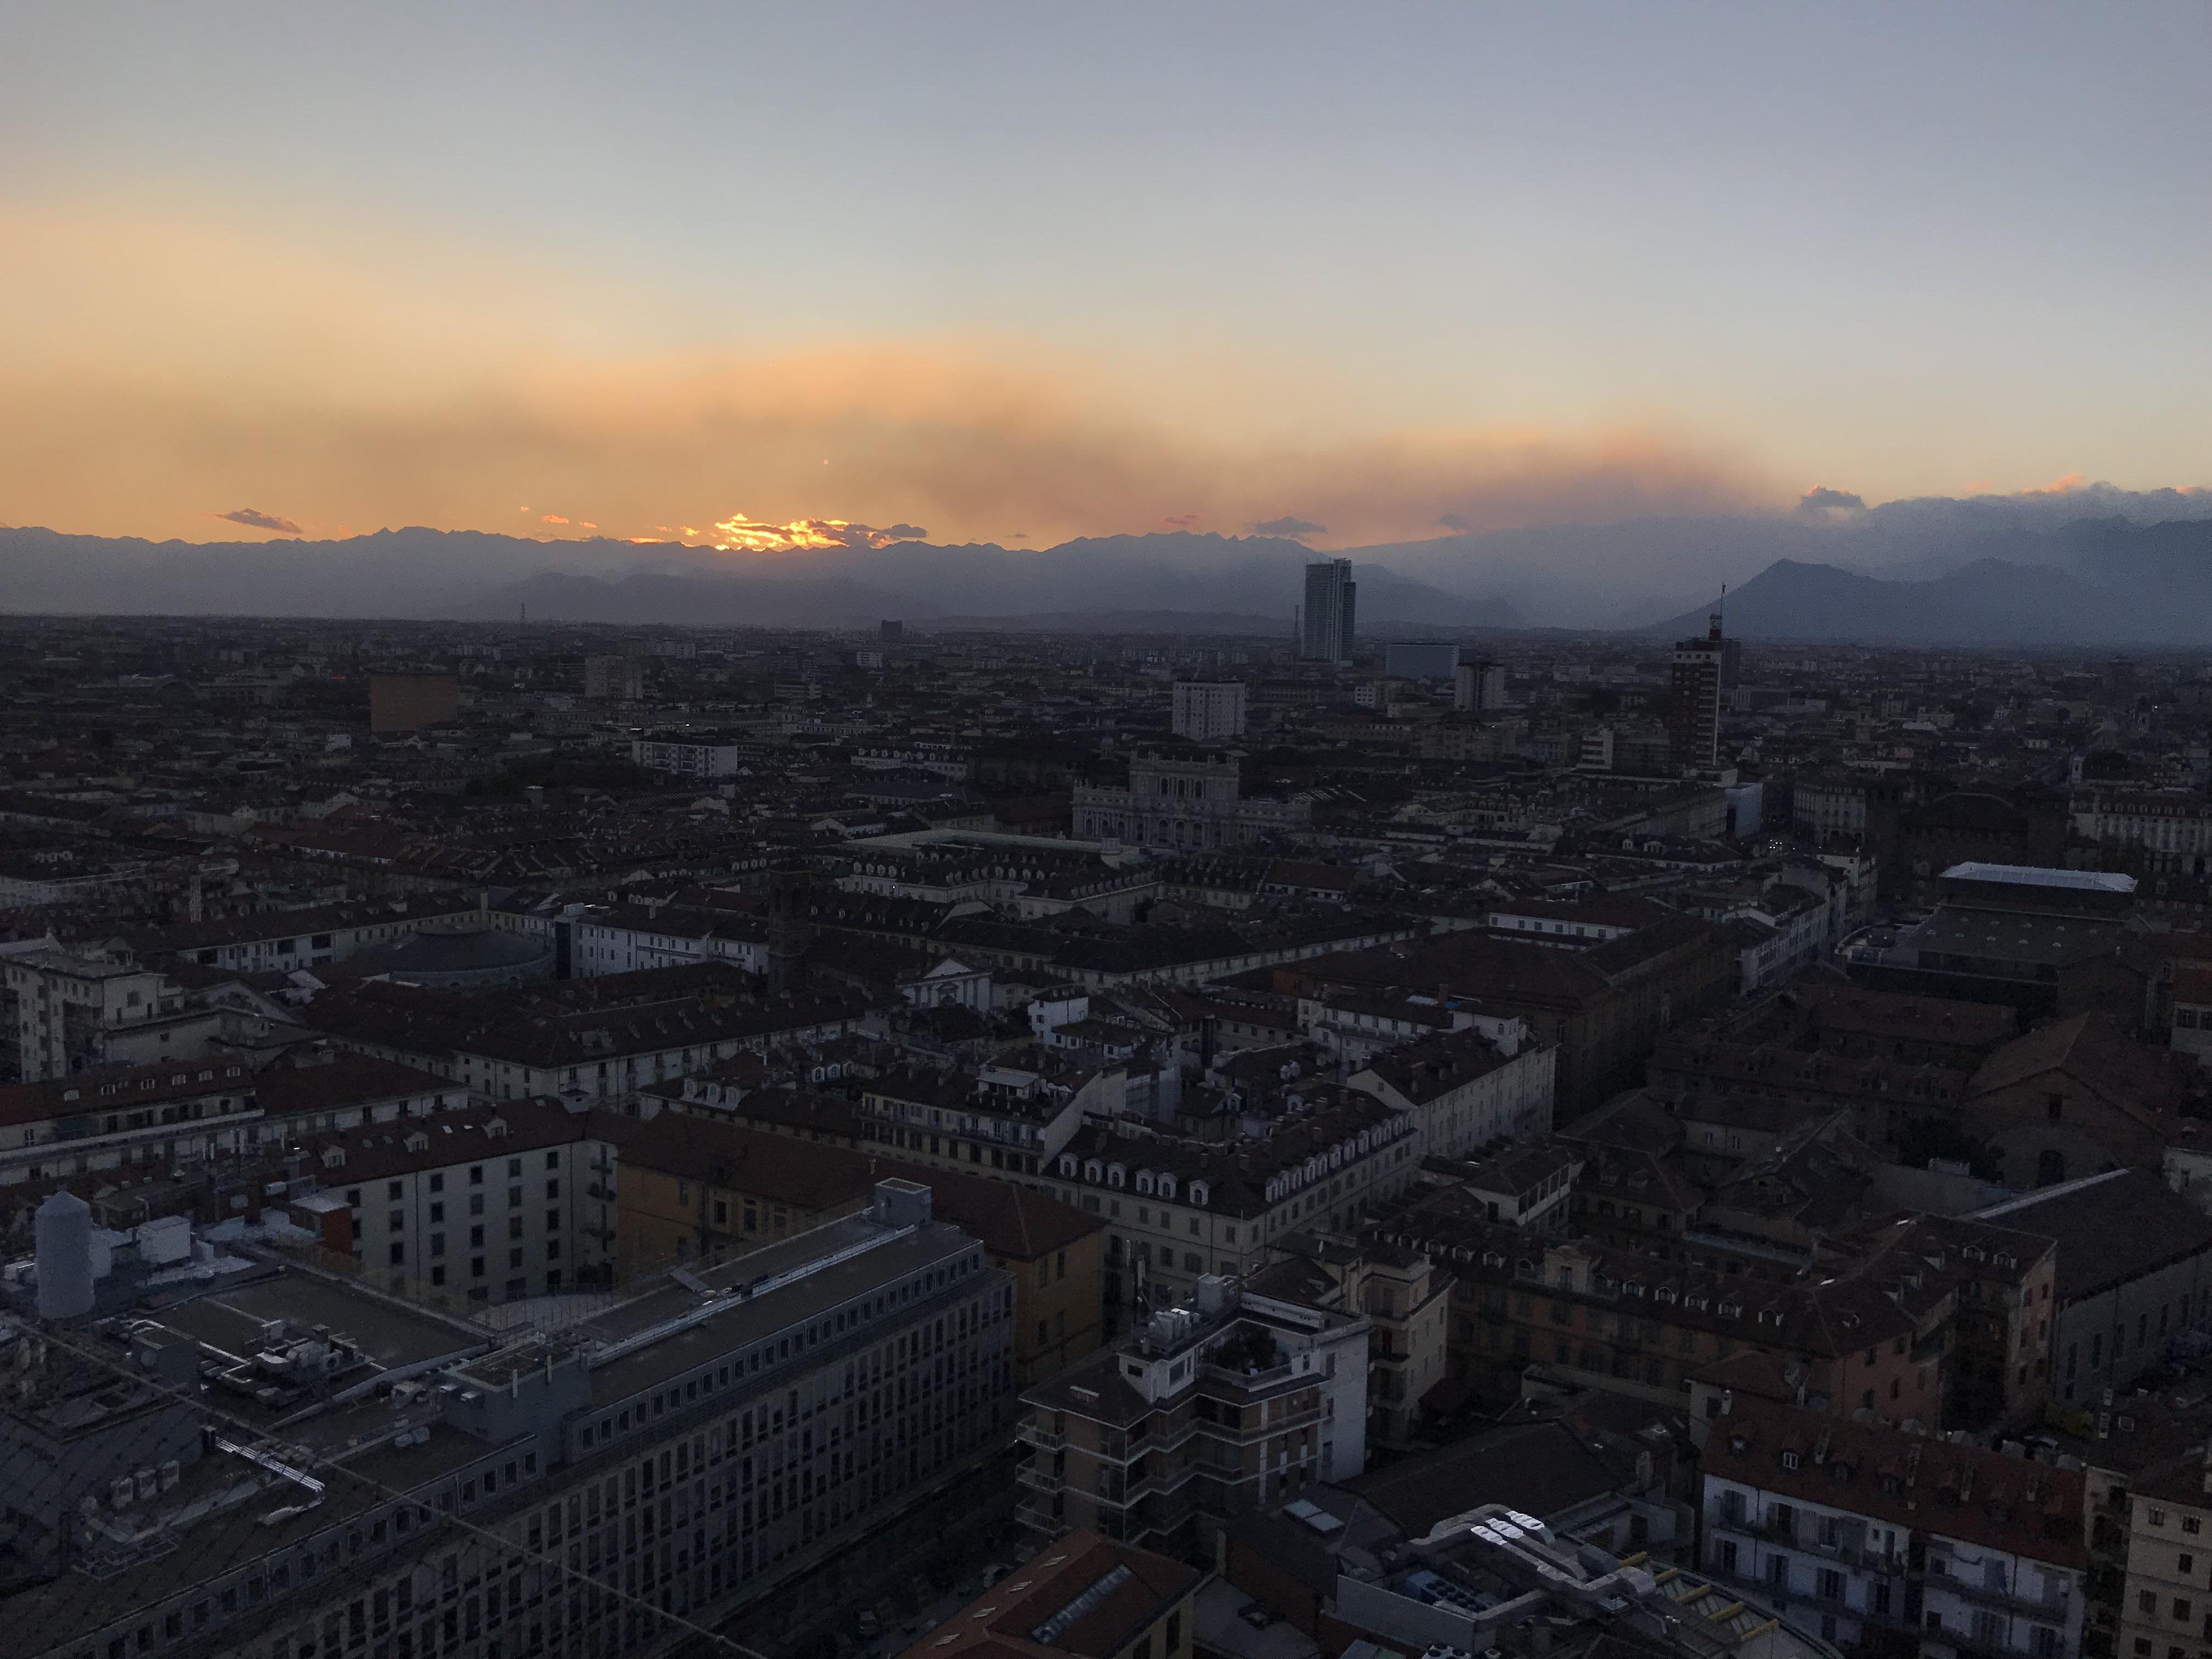 Feux de fumée sur Torino